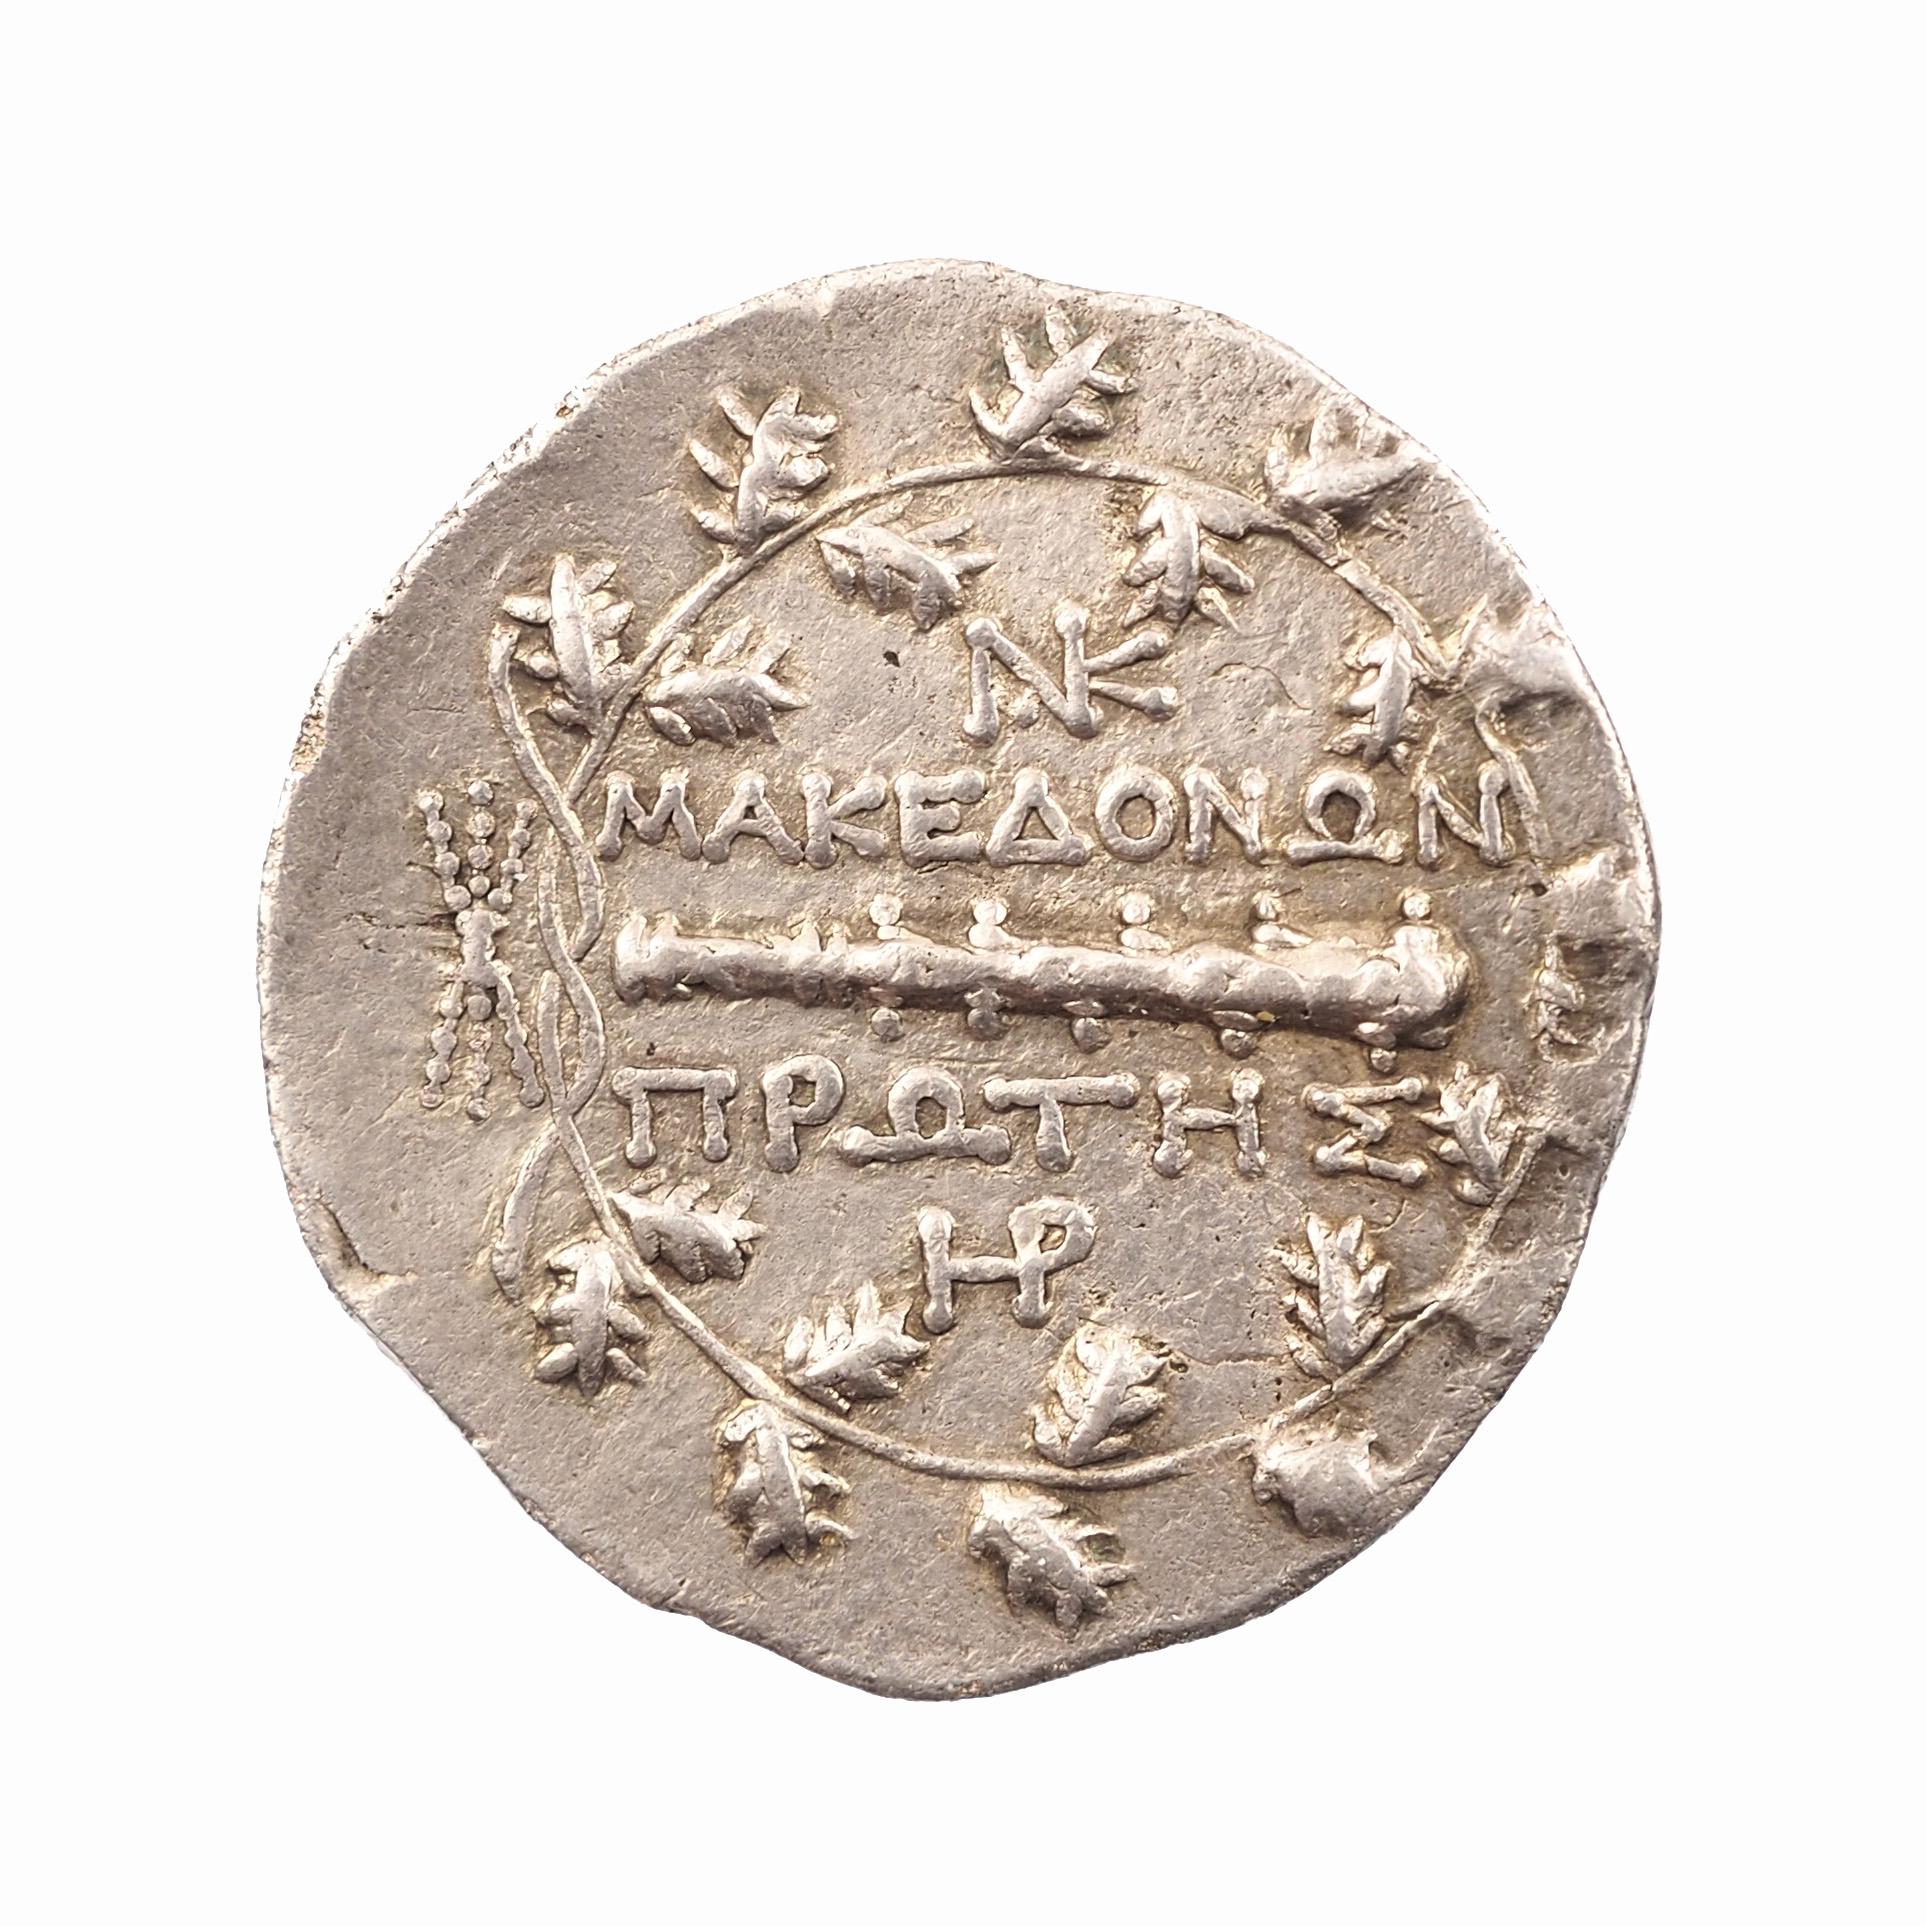 Macédoine (domination romaine), Tétradrachme, Amphipolis, 167-148 BC, SNG3293